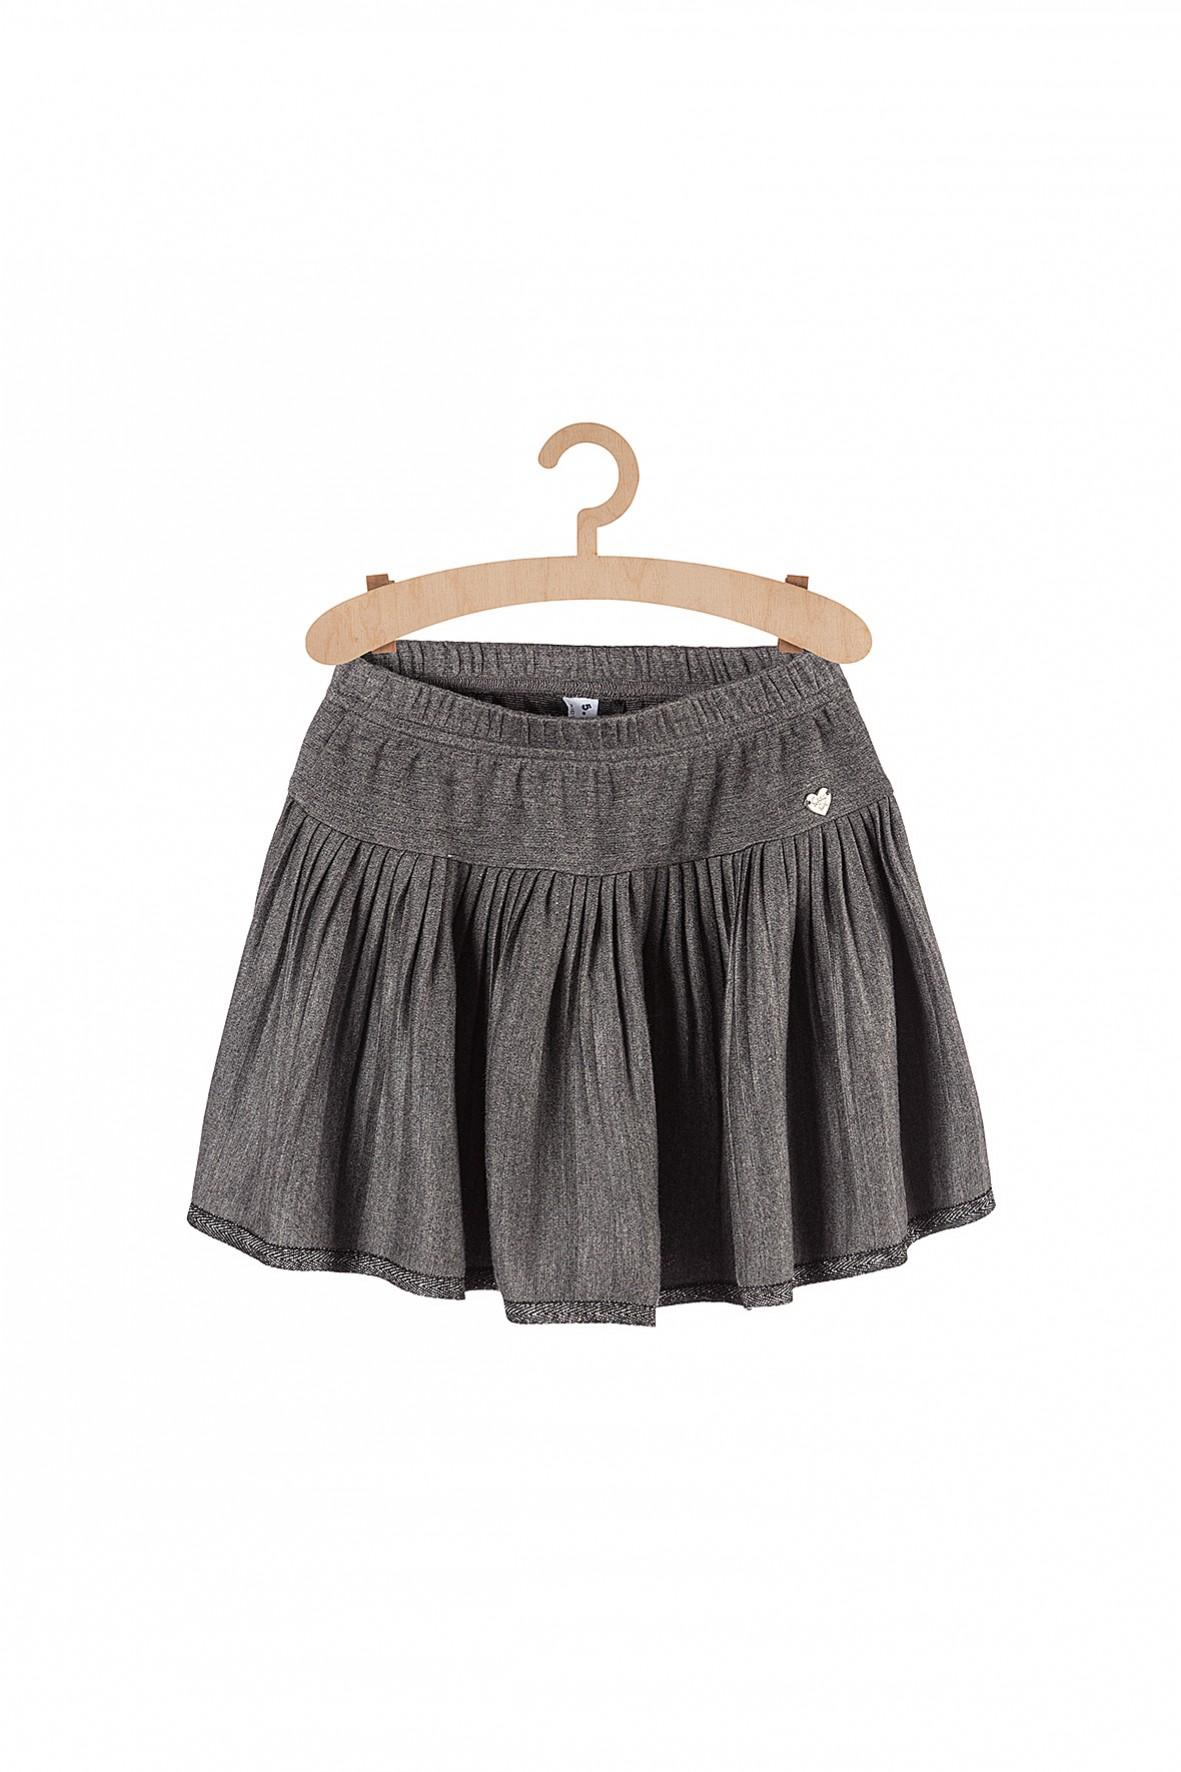 Elegancka spódniczka dla dziewczynki-szara plisowana